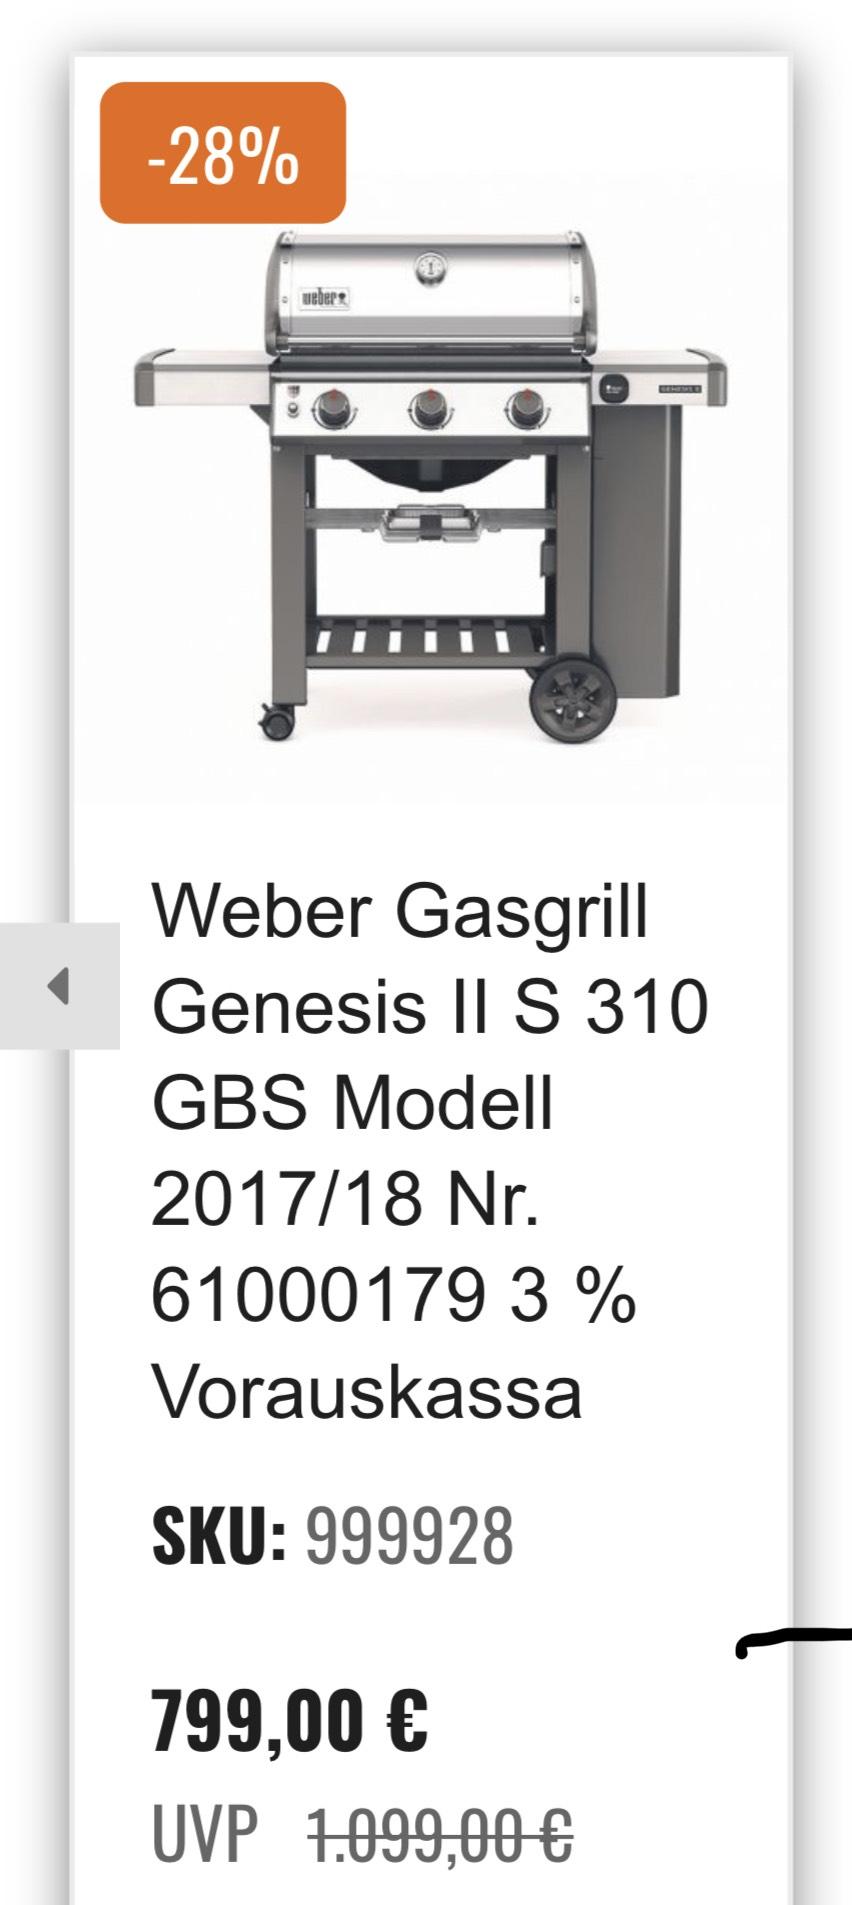 Weber Genesis II S 310 GBS Modell 17/18 in Edelstahl